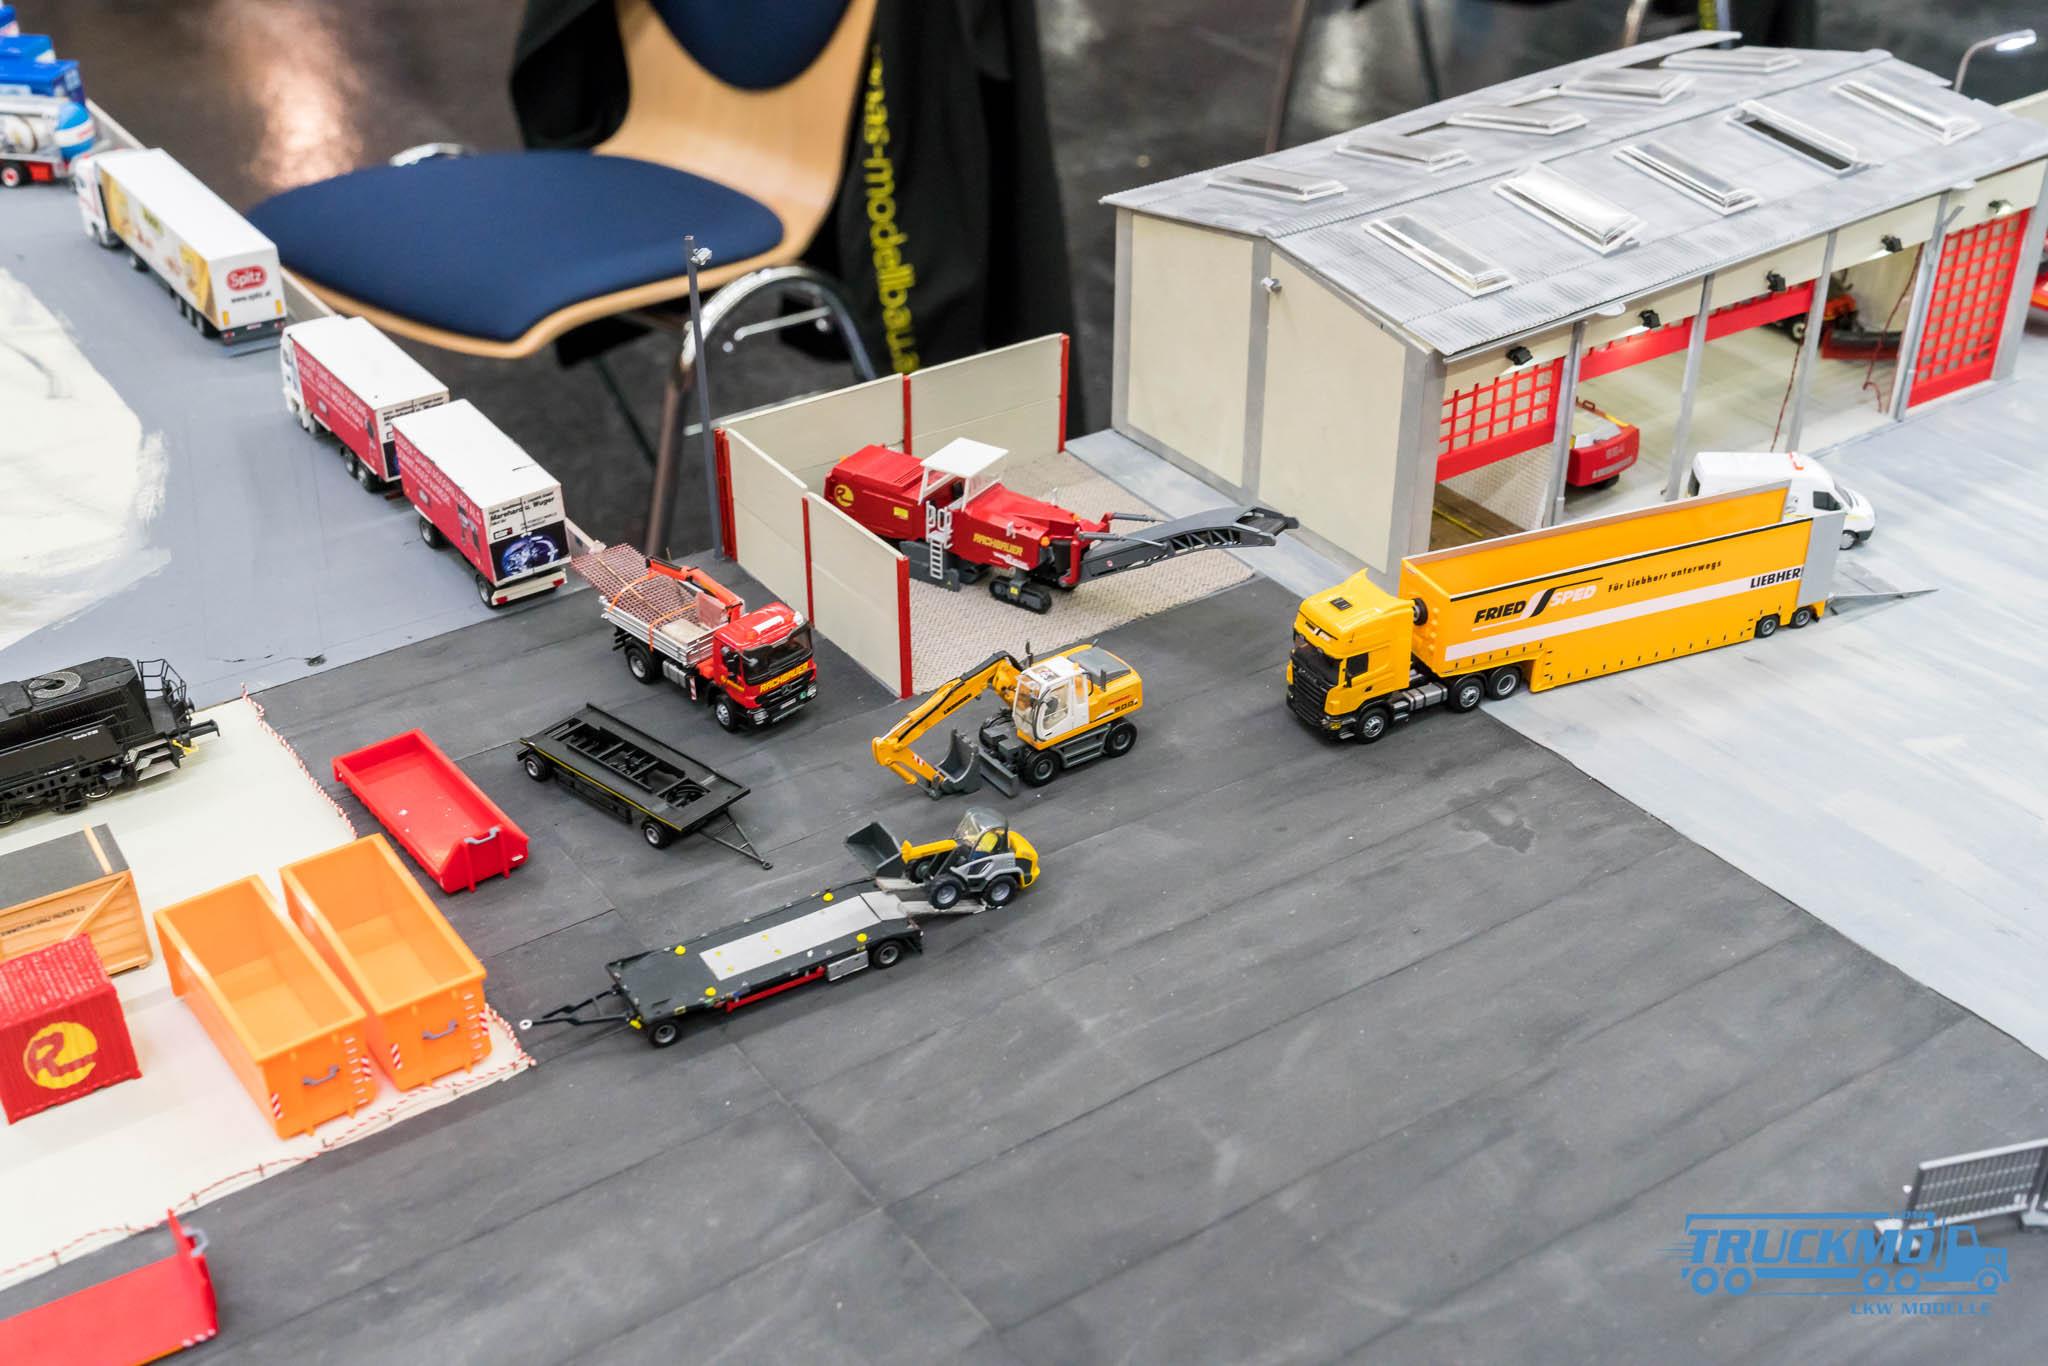 Truckmo_Modellbau_Ried_2017_Herpa_Messe_Modellbauausstellung (235 von 1177)